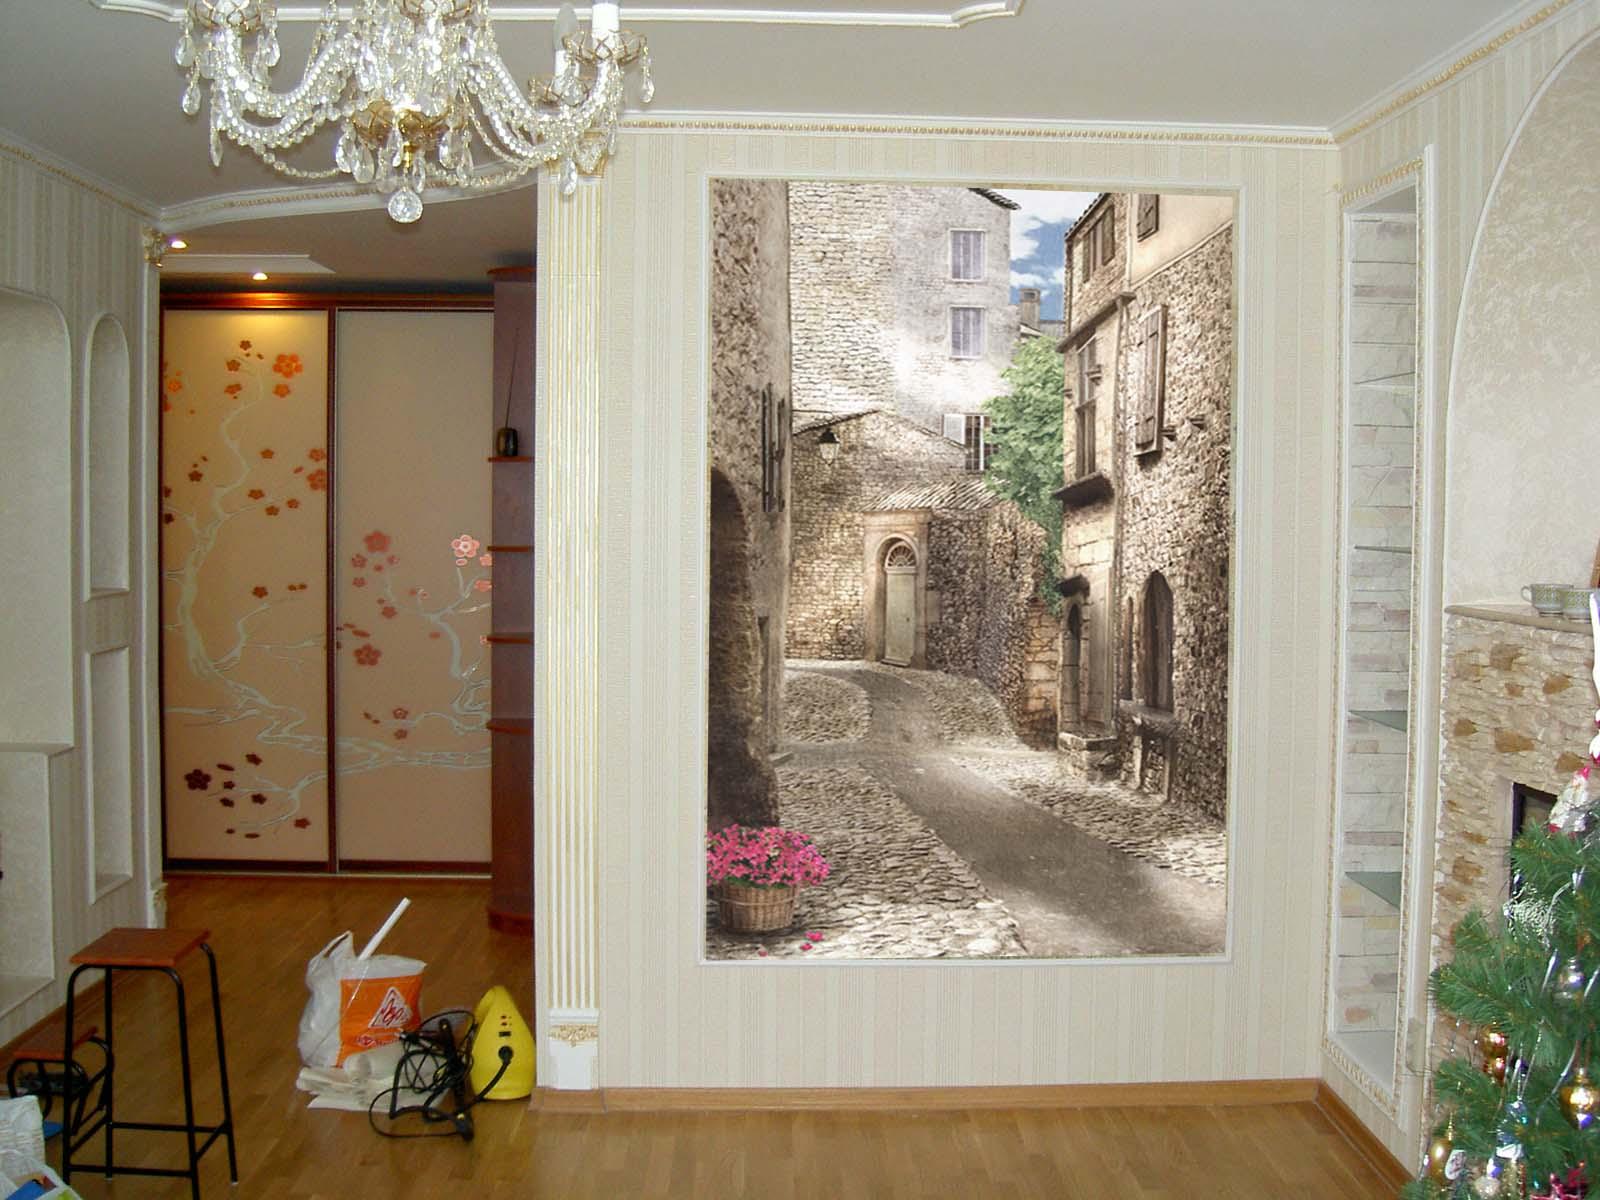 Фреска для кухни в интерьере фото